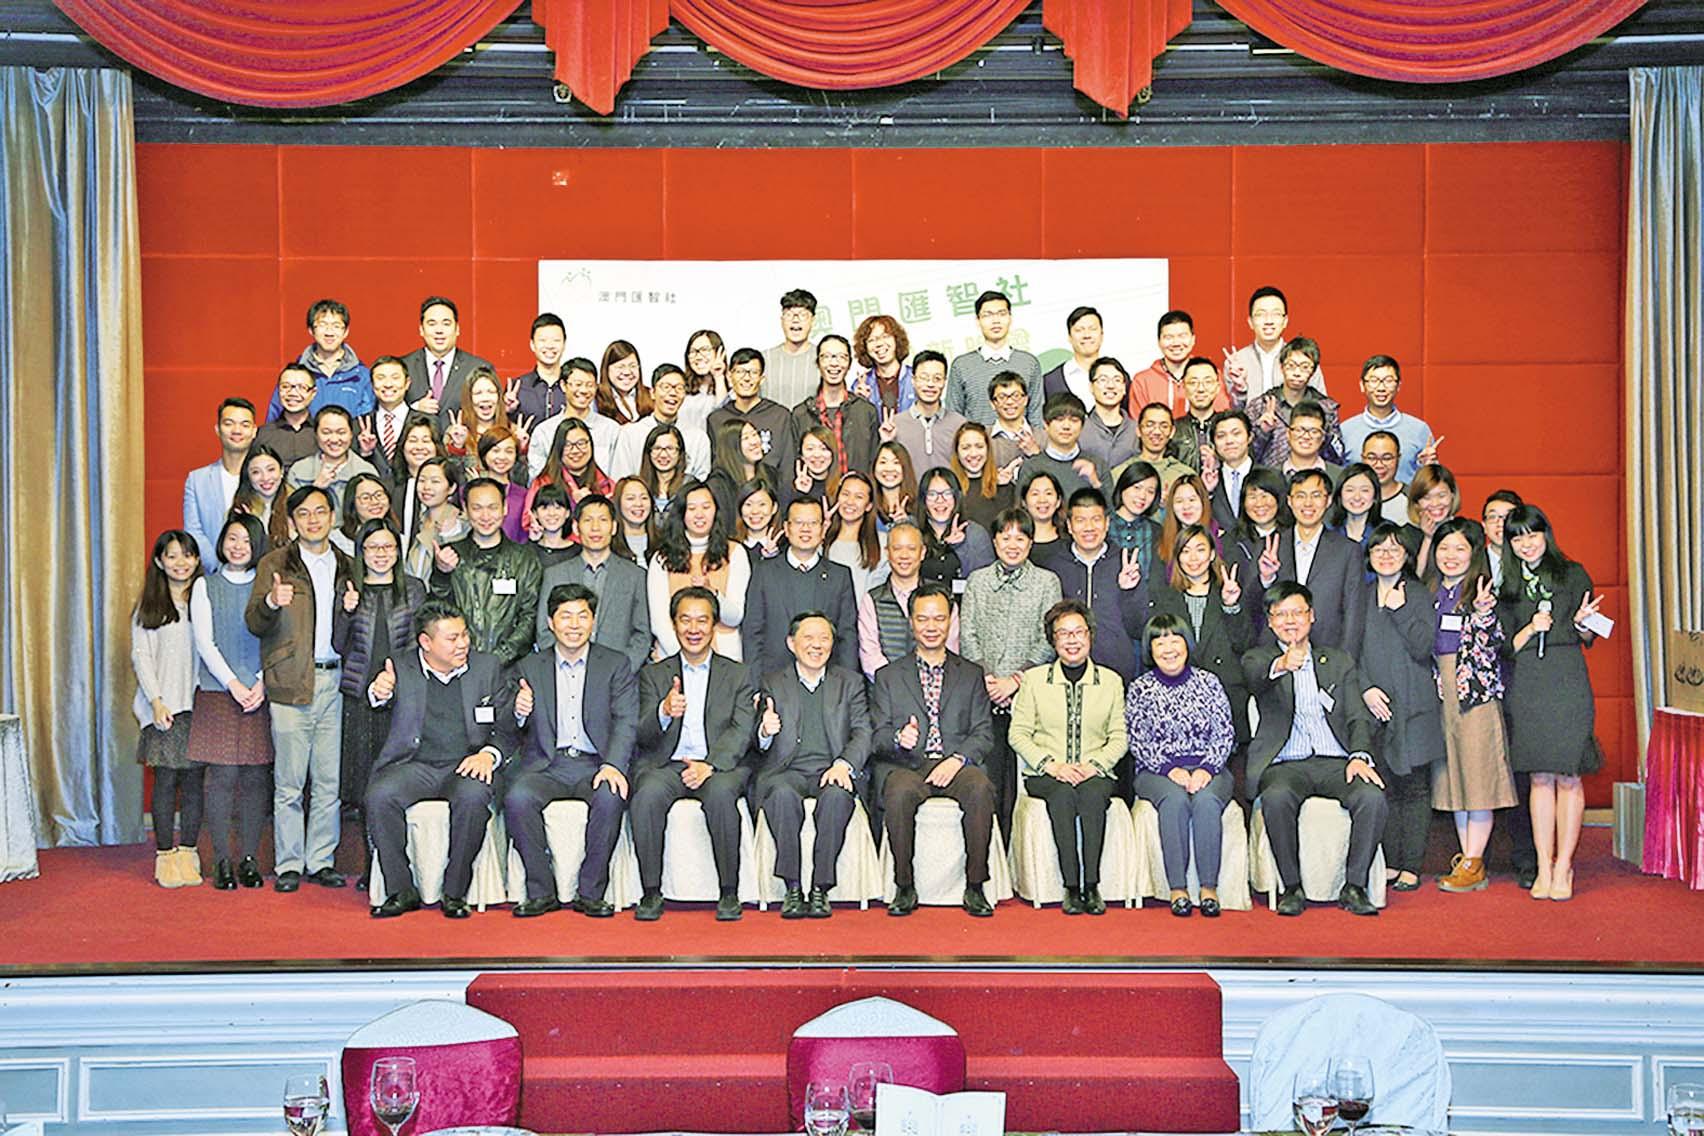 匯智社迎新團結勉勵會員